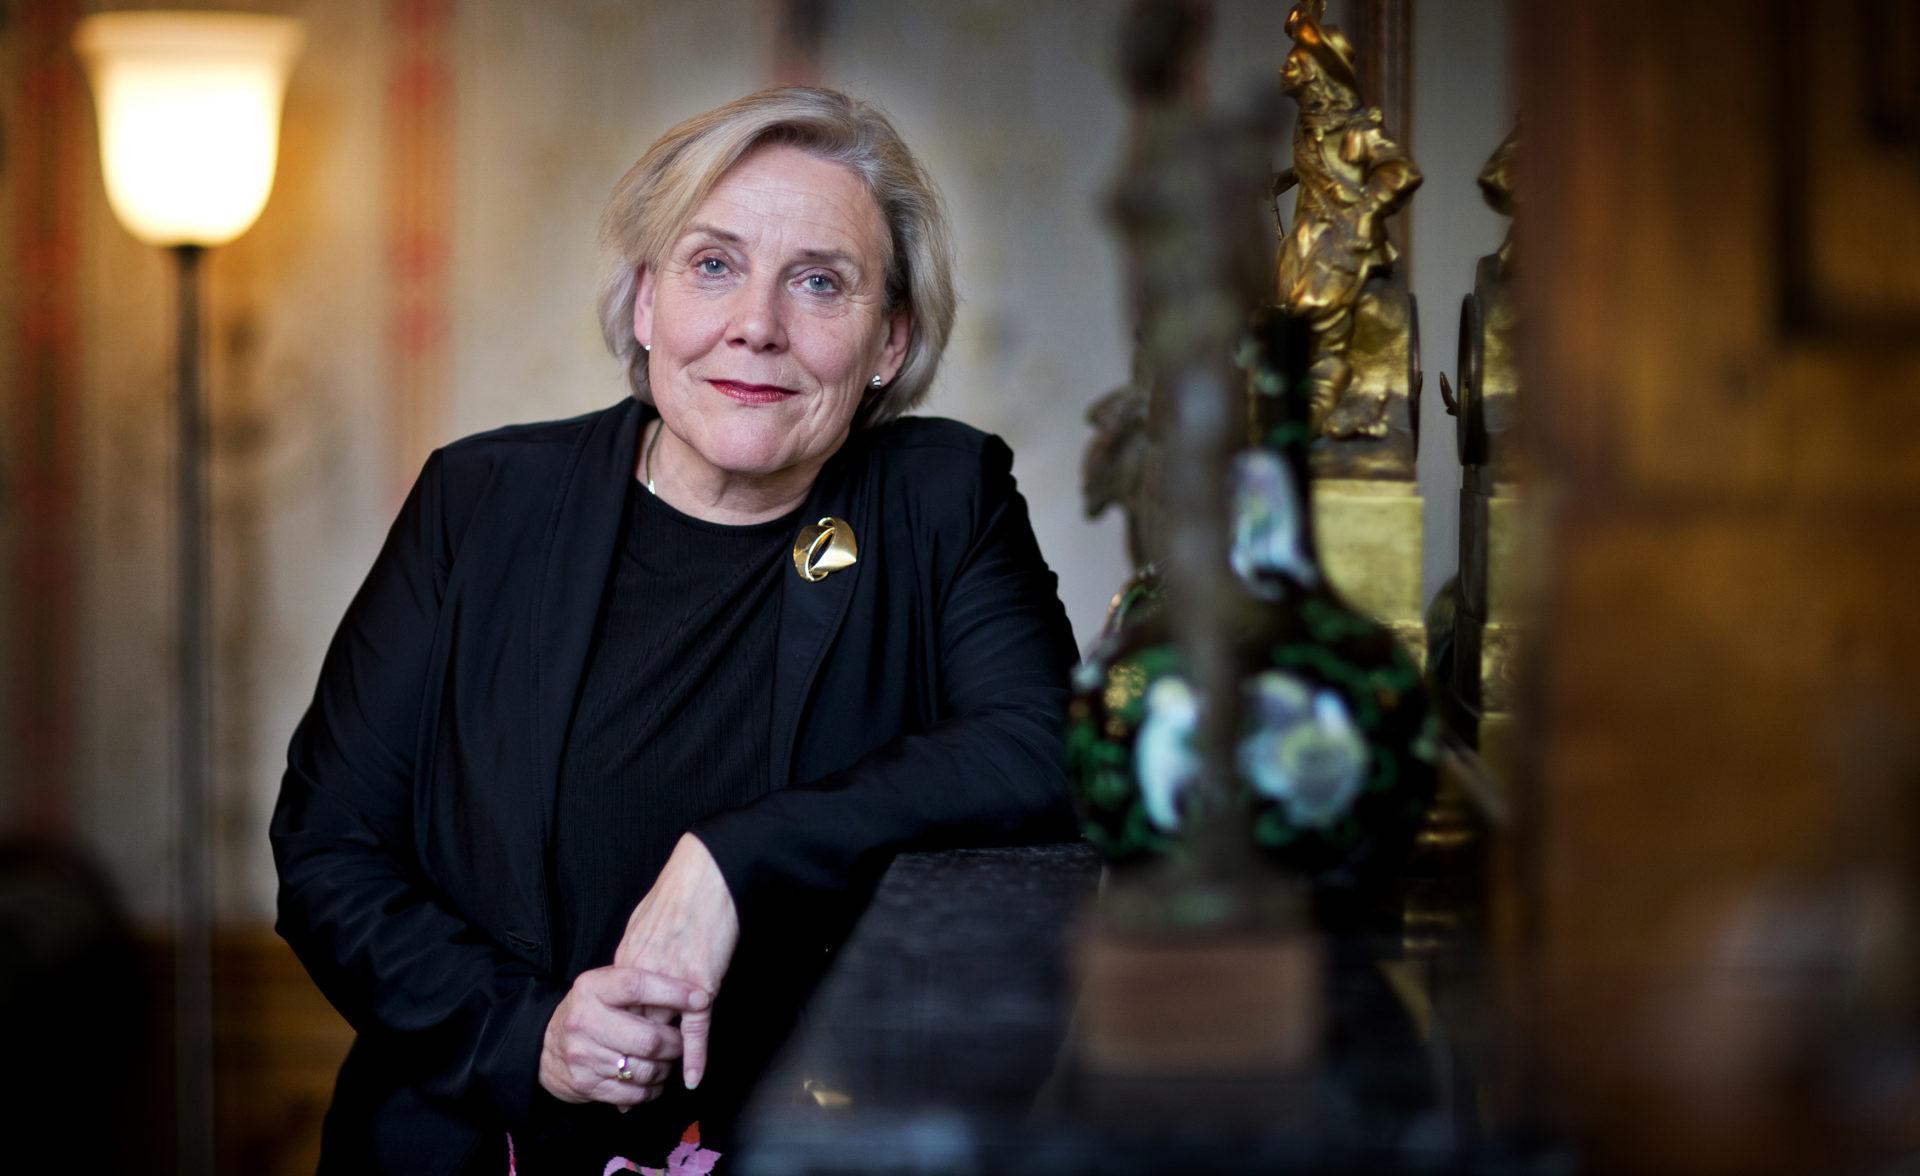 Minister van Defensie Ank Bijleveld